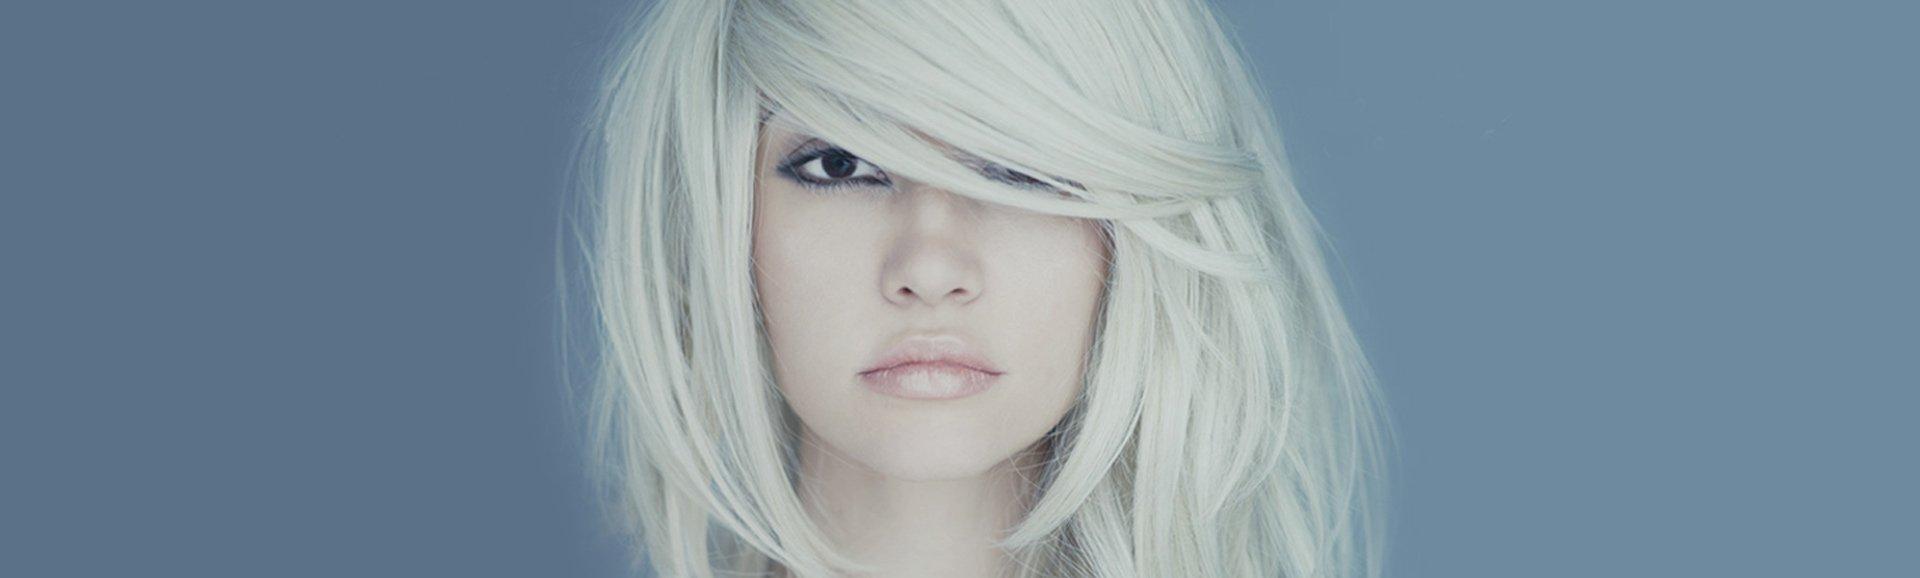 identite hair beauty nails bg